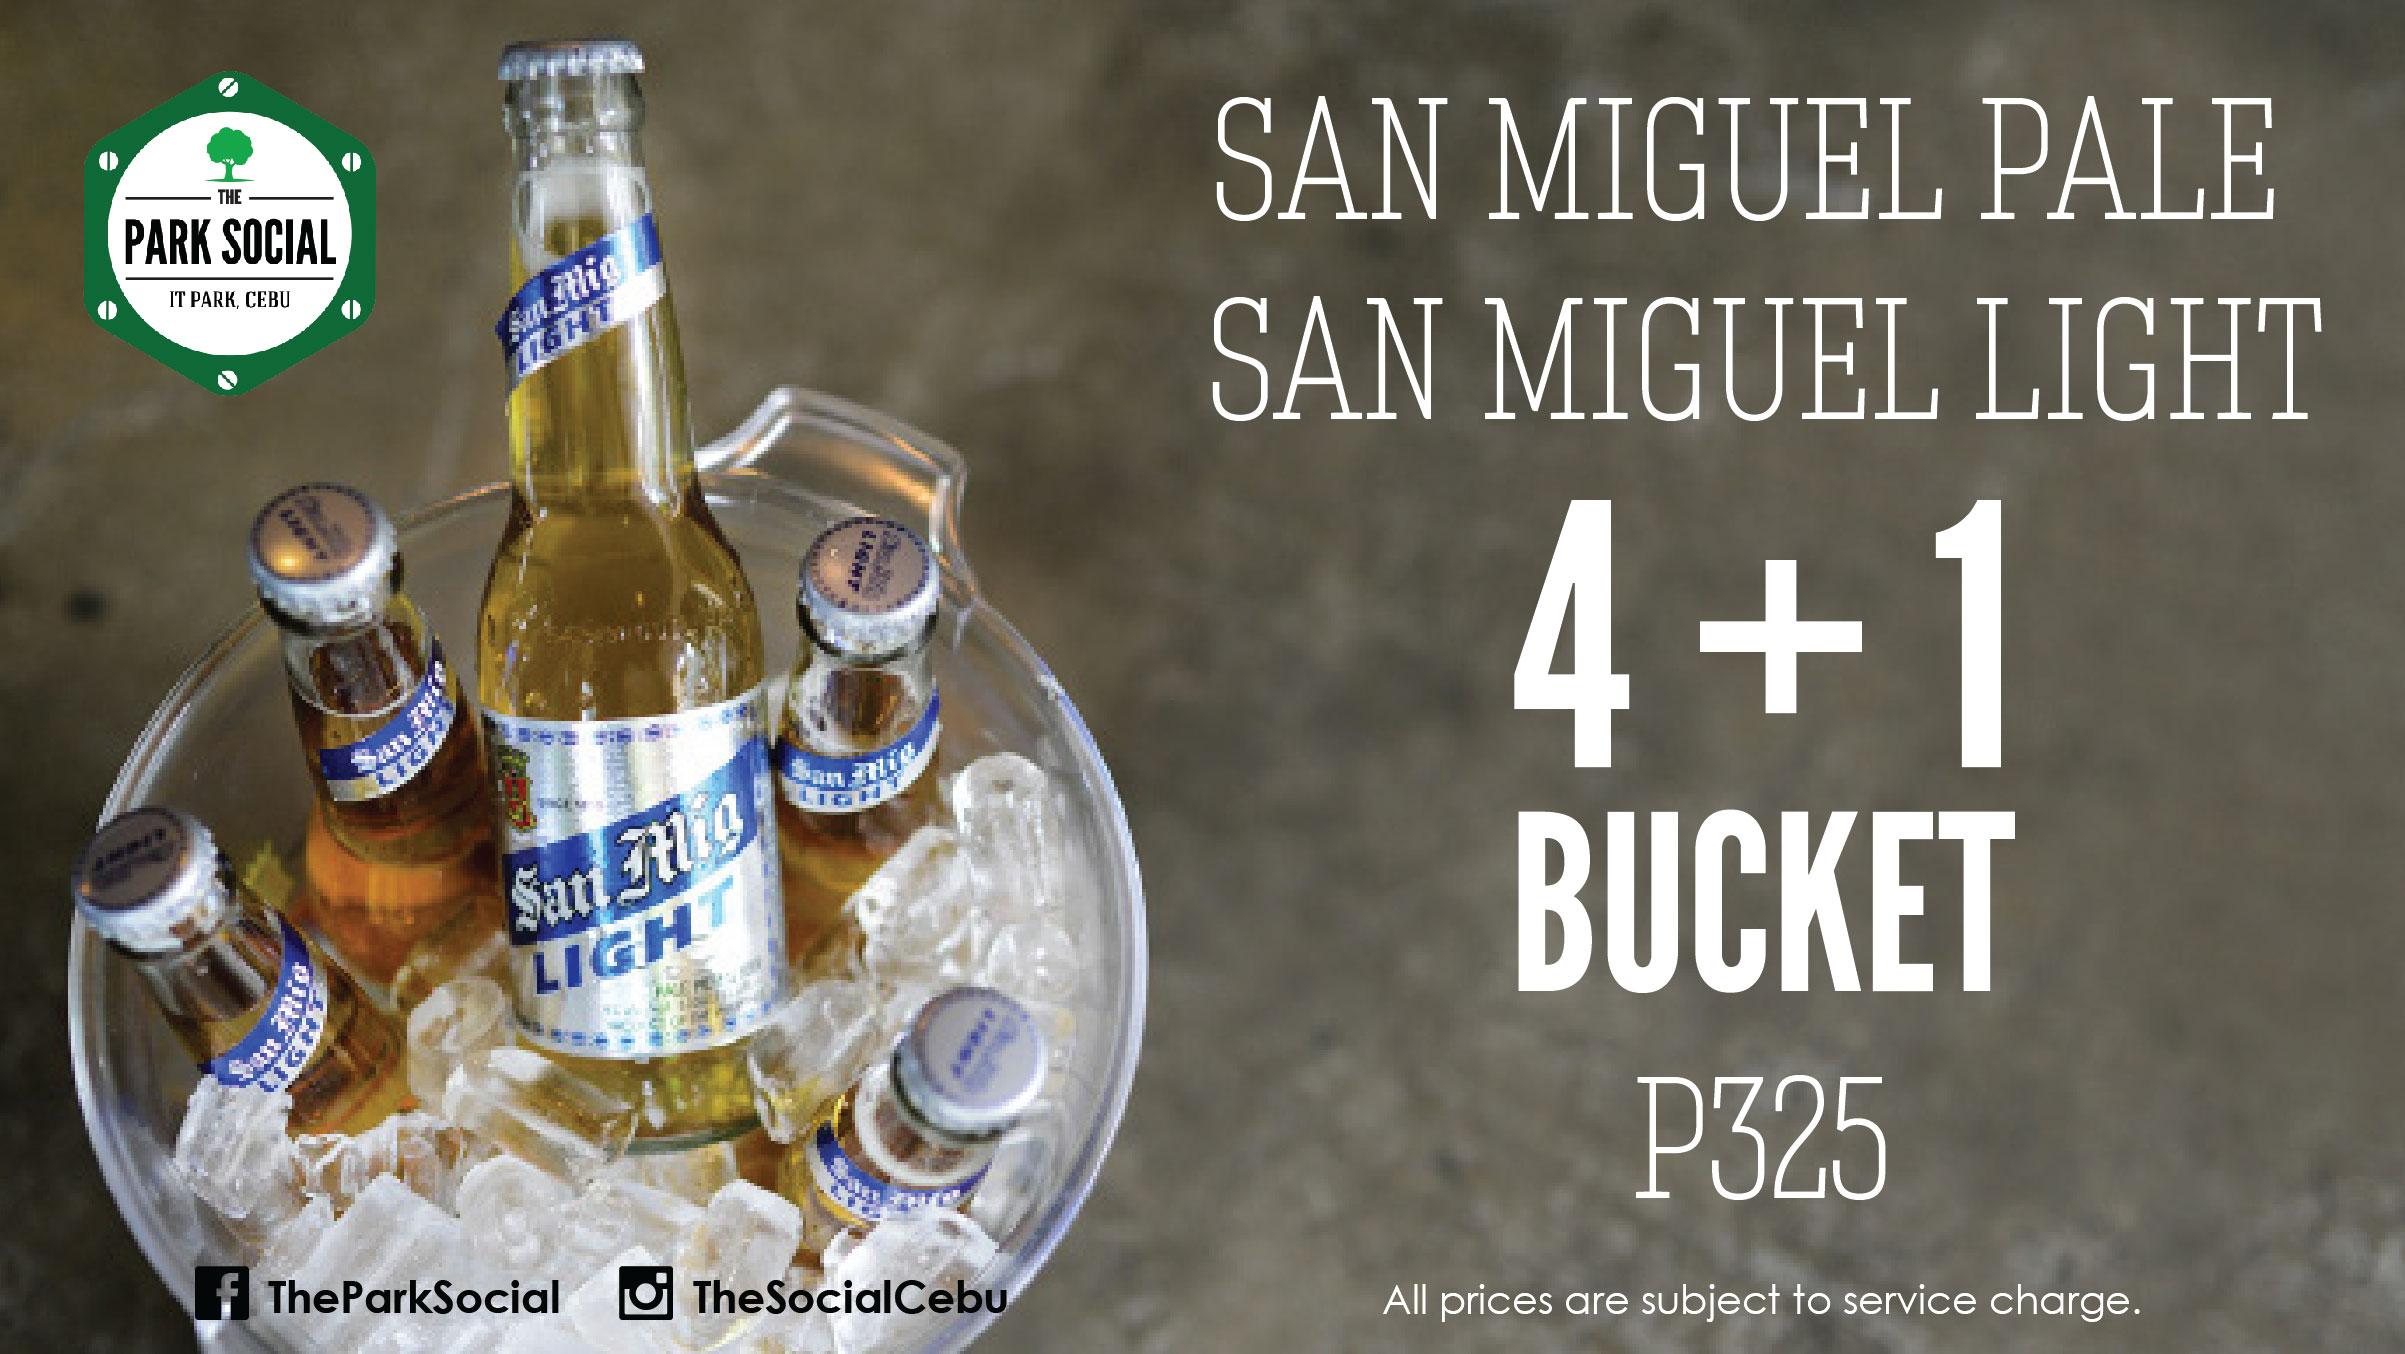 Bucket of San Miguel